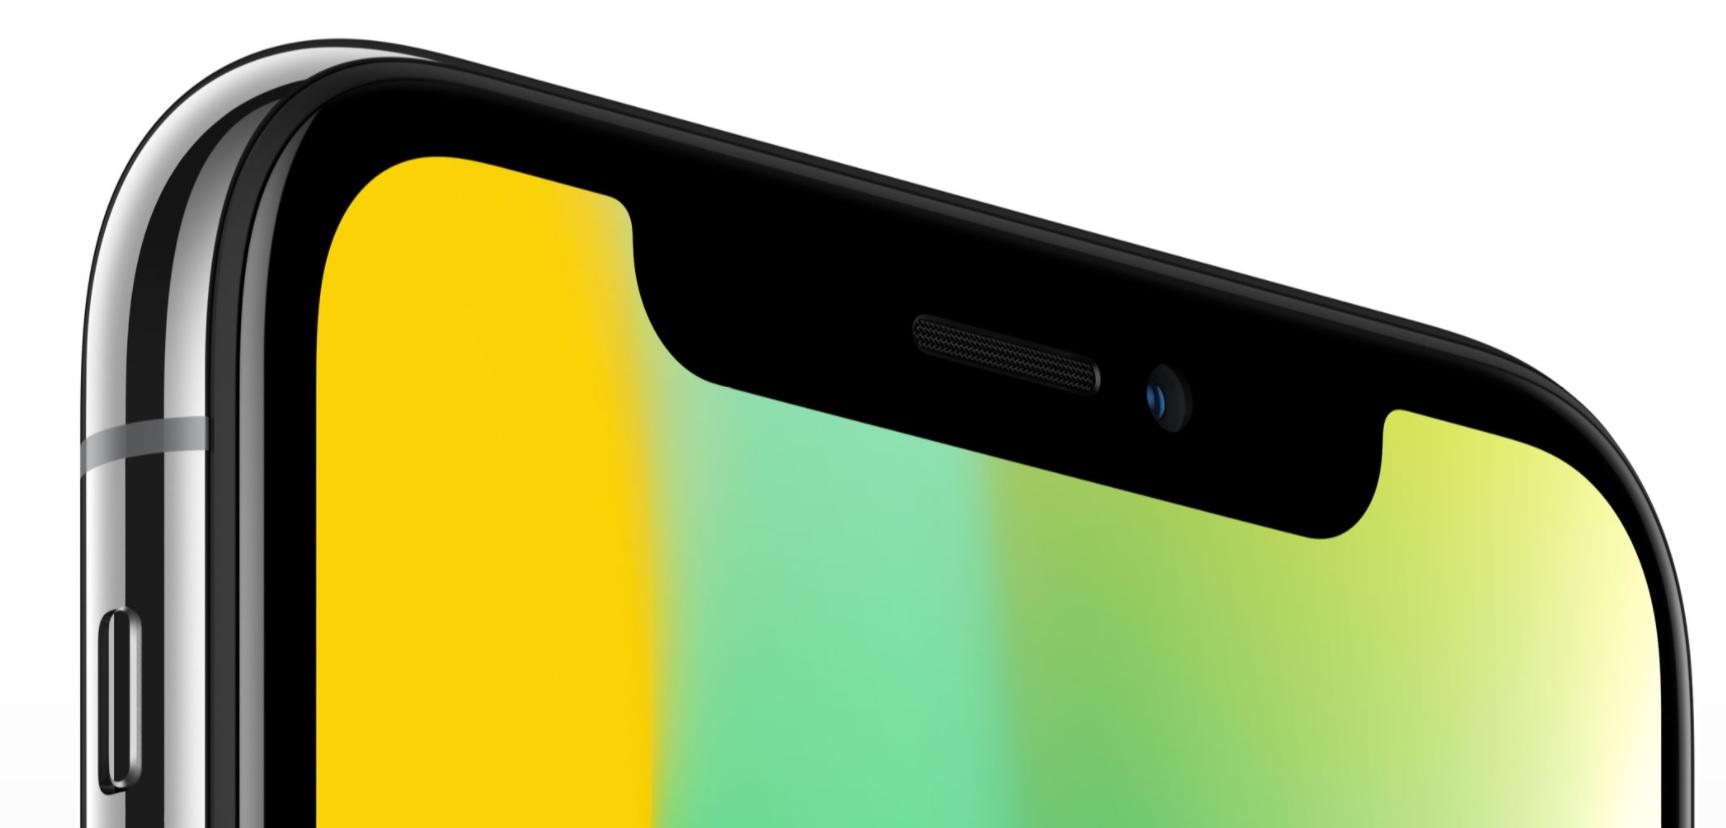 Andre medarbeidere hadde prøvd å logge på demo-enheten, og feilet, er forklaringen til Apple etter at Face ID ikke fungerte første gang de skulle demonstrere tirsdag kveld. Det er denne haken på toppen av mobilen som huser kamra og sensorene til Face ID.